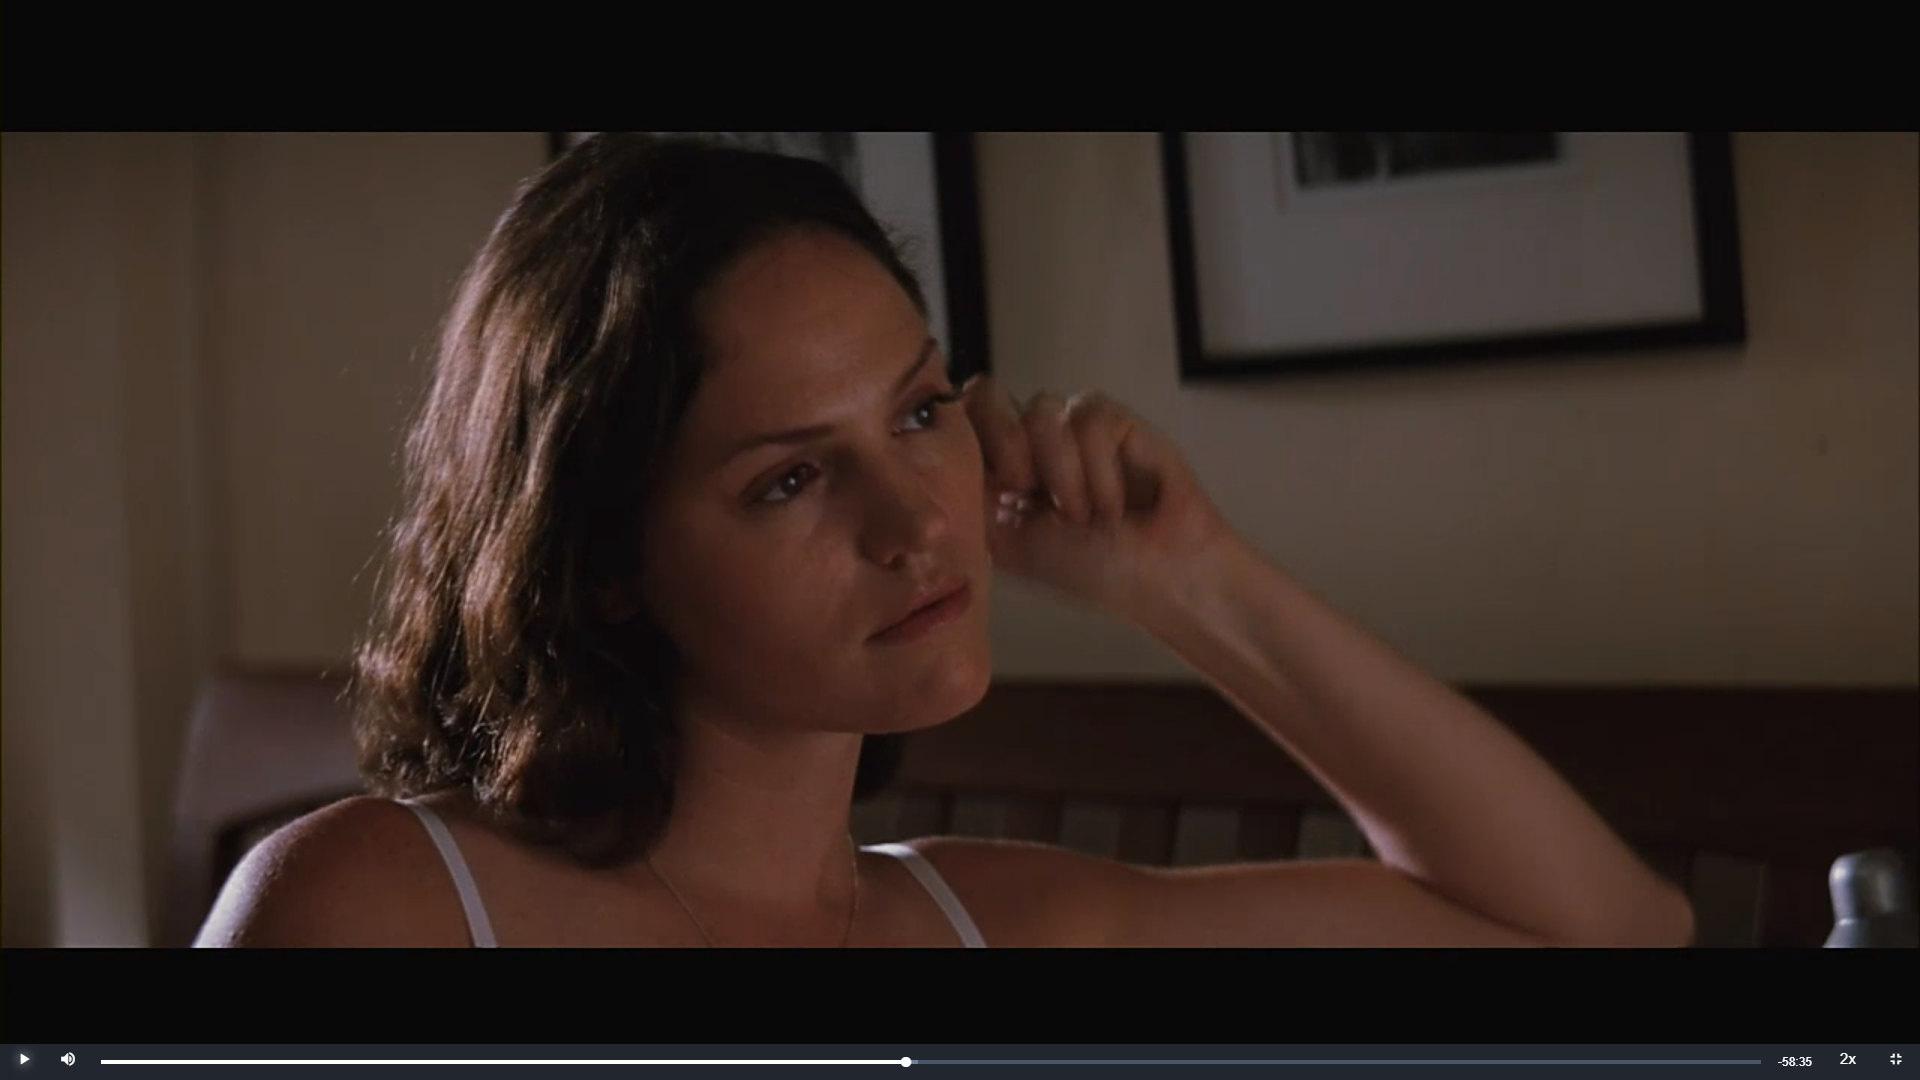 [感想] 電影-記憶拼圖 Memento (2000) 整理順序劇情&爭議討論-088.jpg